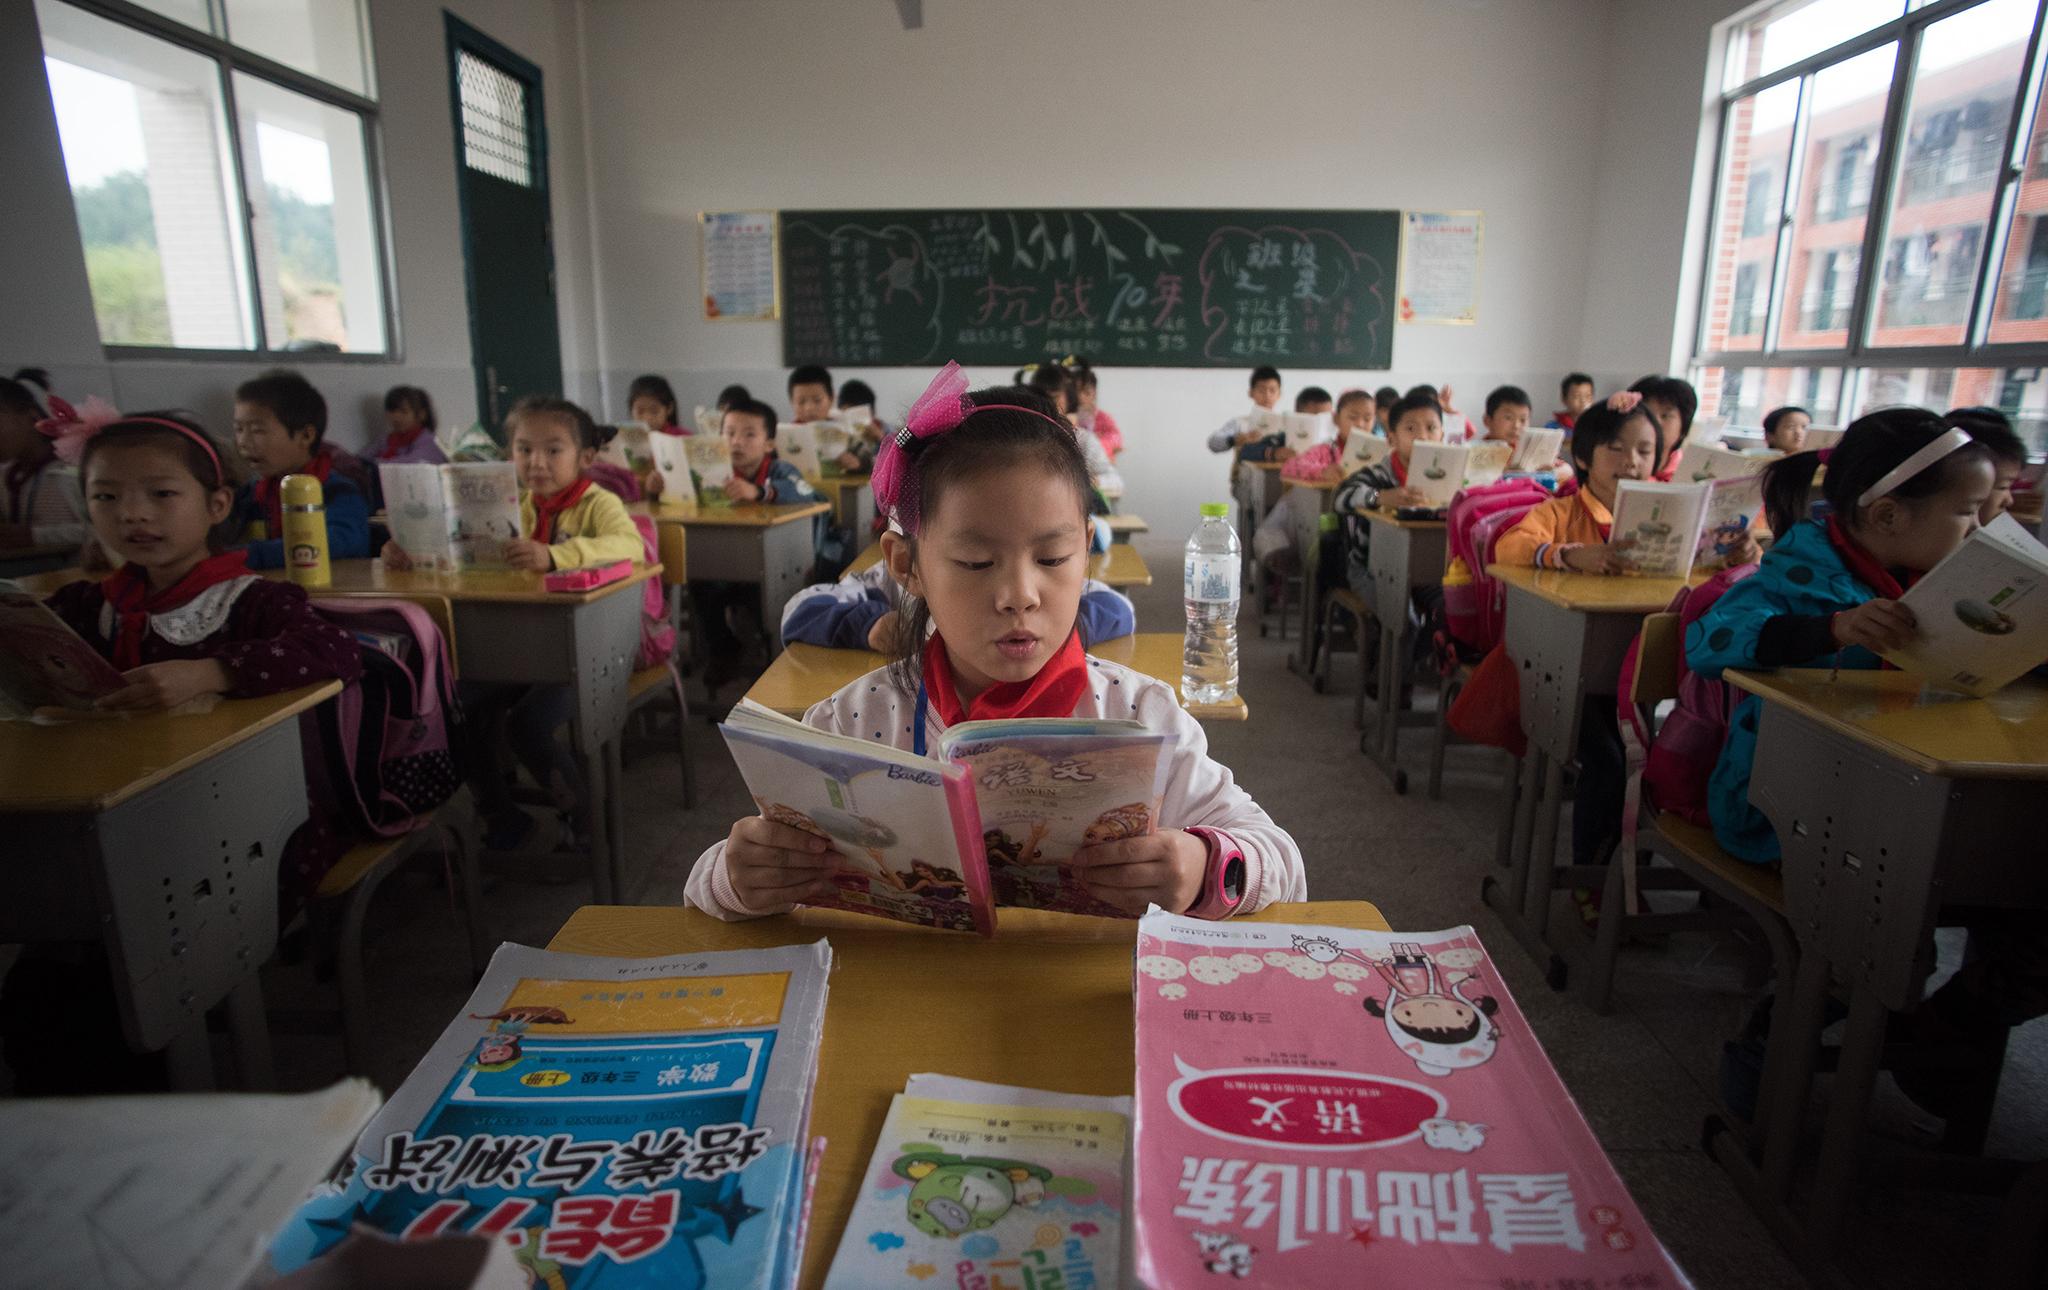 Educação | Mais de 70 por cento das escolas primárias usa manuais patrióticos